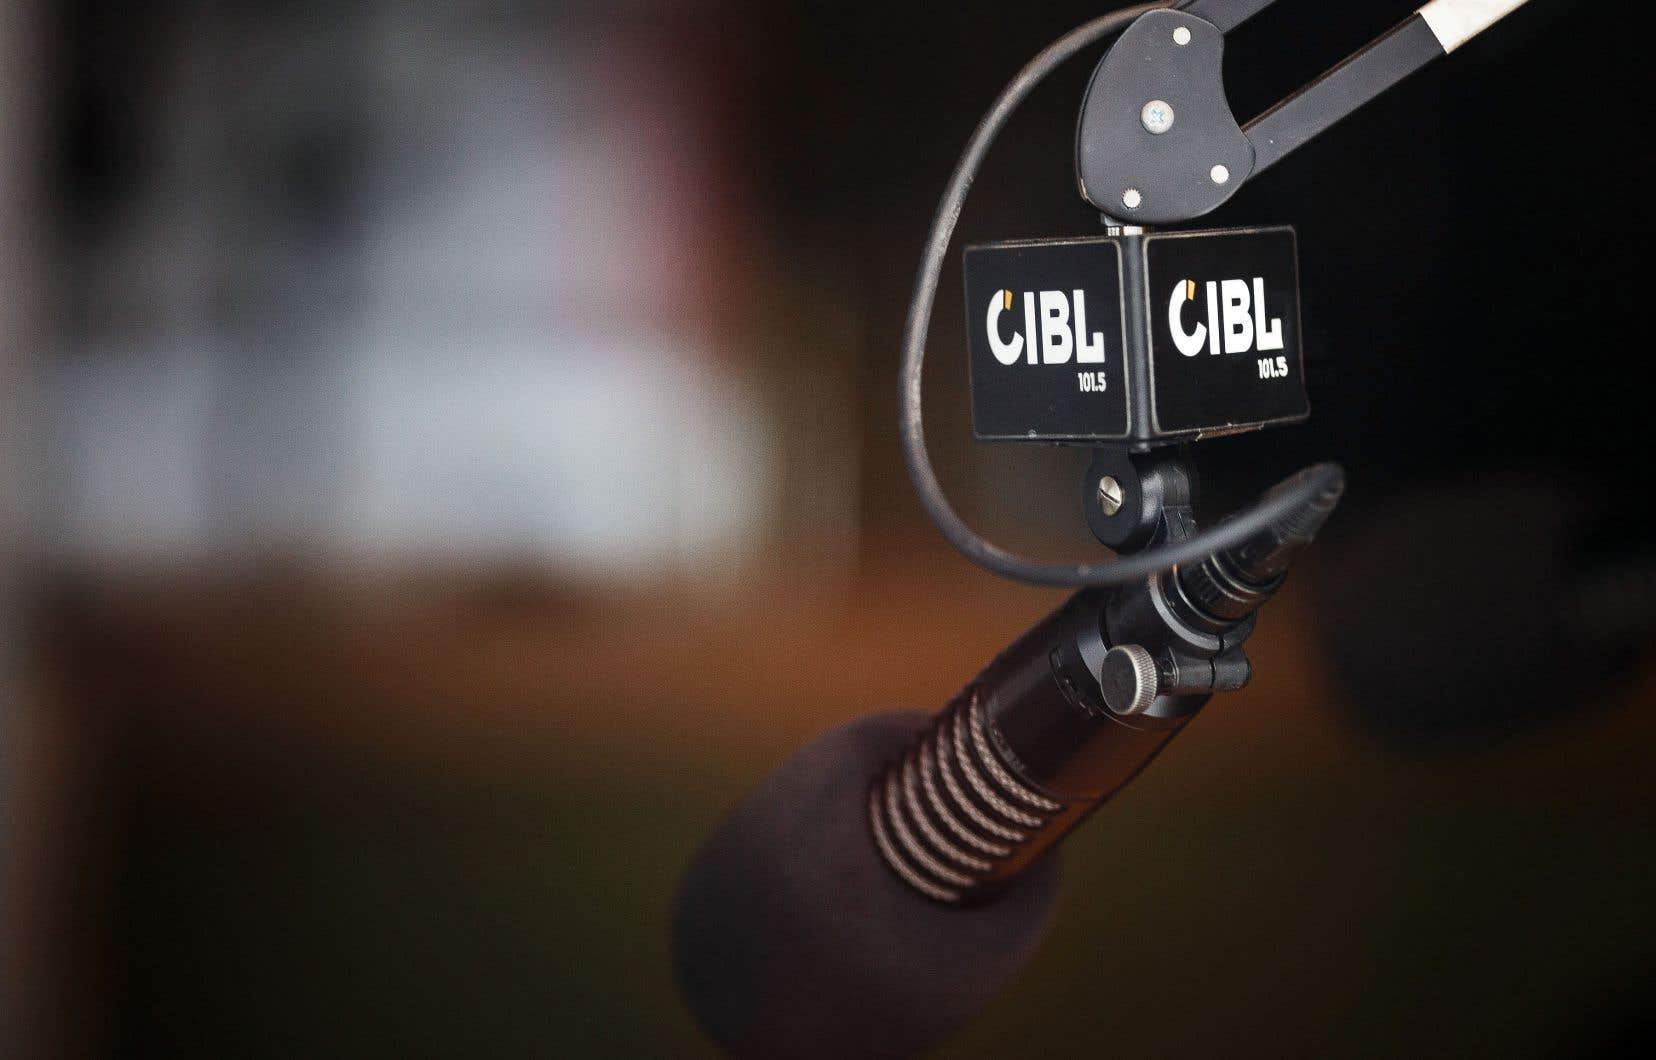 CIBL est presque uniquement musicale depuis la mise à pied de ses employés en janvier.